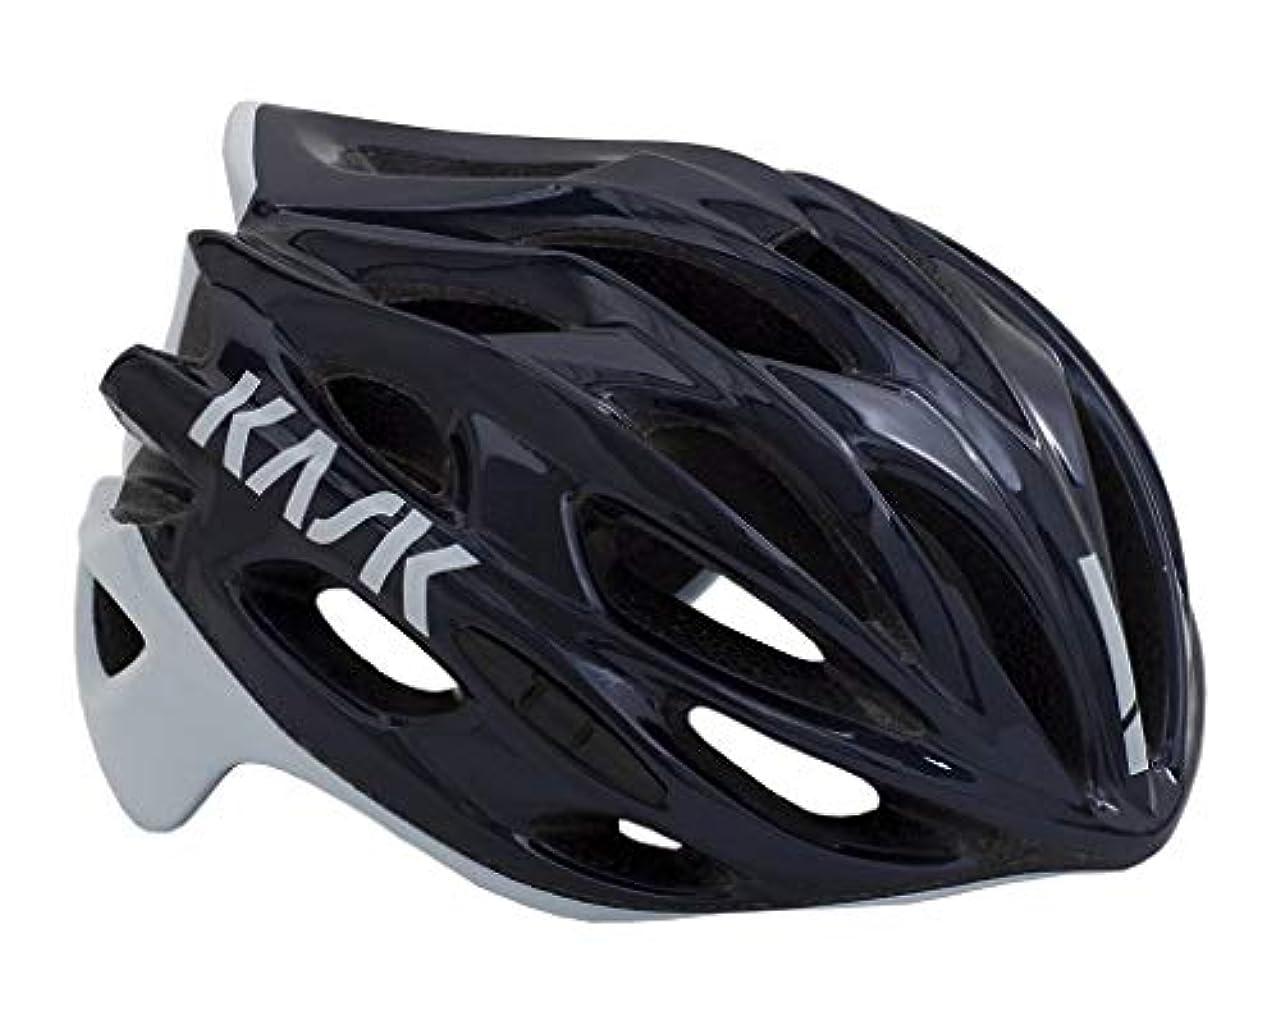 セミナー基礎飲み込むKASK(カスク) ヘルメット MOJITO X NAVY BLU/WHT L サイズ:59-62cm